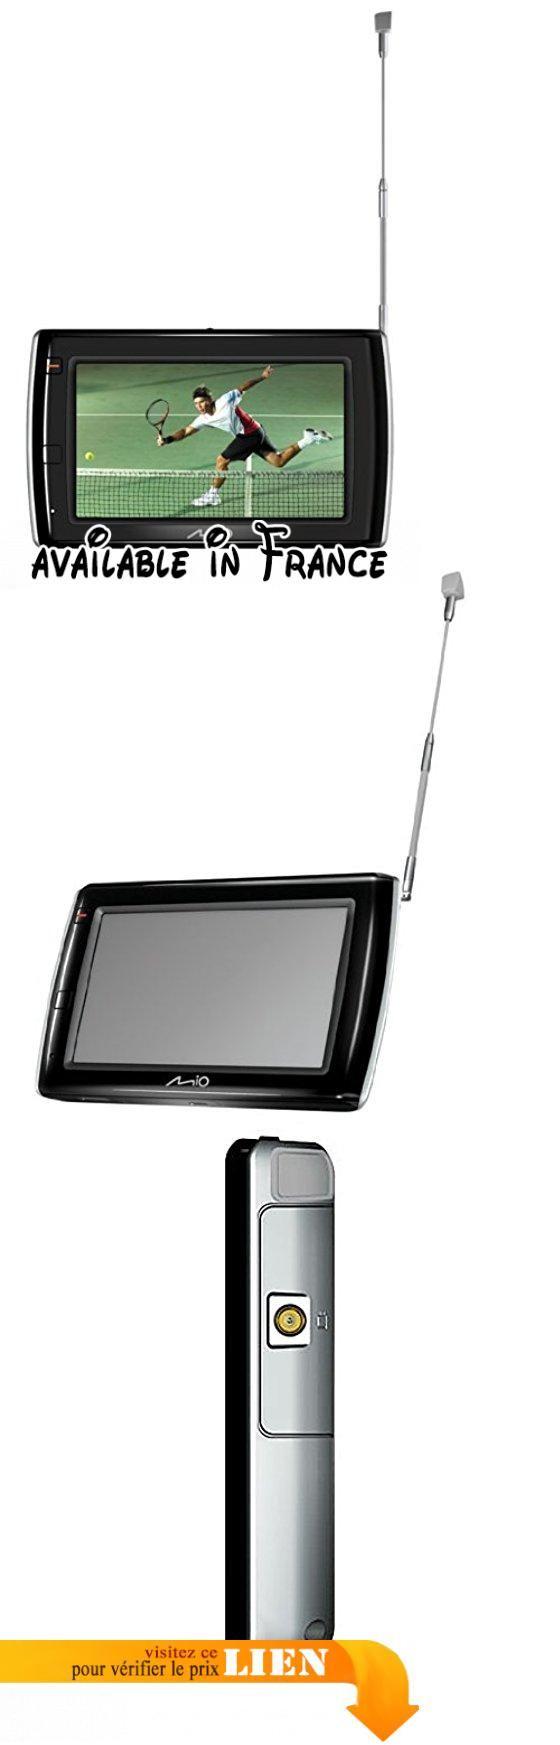 """Mio Spirit V575 TV GPS Europe Ecran Tactile 4,7"""" TMC IQ Routes. <b>Description du produit</b>: Mio - Spirit V575 TV. <b>Type de produit</b>: GPS Europe. <B>Ecran</B>: TFT 4,7 pouces. <B>Résolution</B>: 480 x 272 pixels. <B>Récepteur GPS</B>: SiRFprima rapide avec InstantFixII. <B>Processeur</b>: SiRF prima / 600 MHz. <B>Lecture de carte</b>: Micro SD. <B>Dimensions</b>: 87 x 145 x 16 mm. <B>Poids</b>: 220 g. <b>Garantie du fabricant</b>: 2 ans #GPS or Navigation System"""